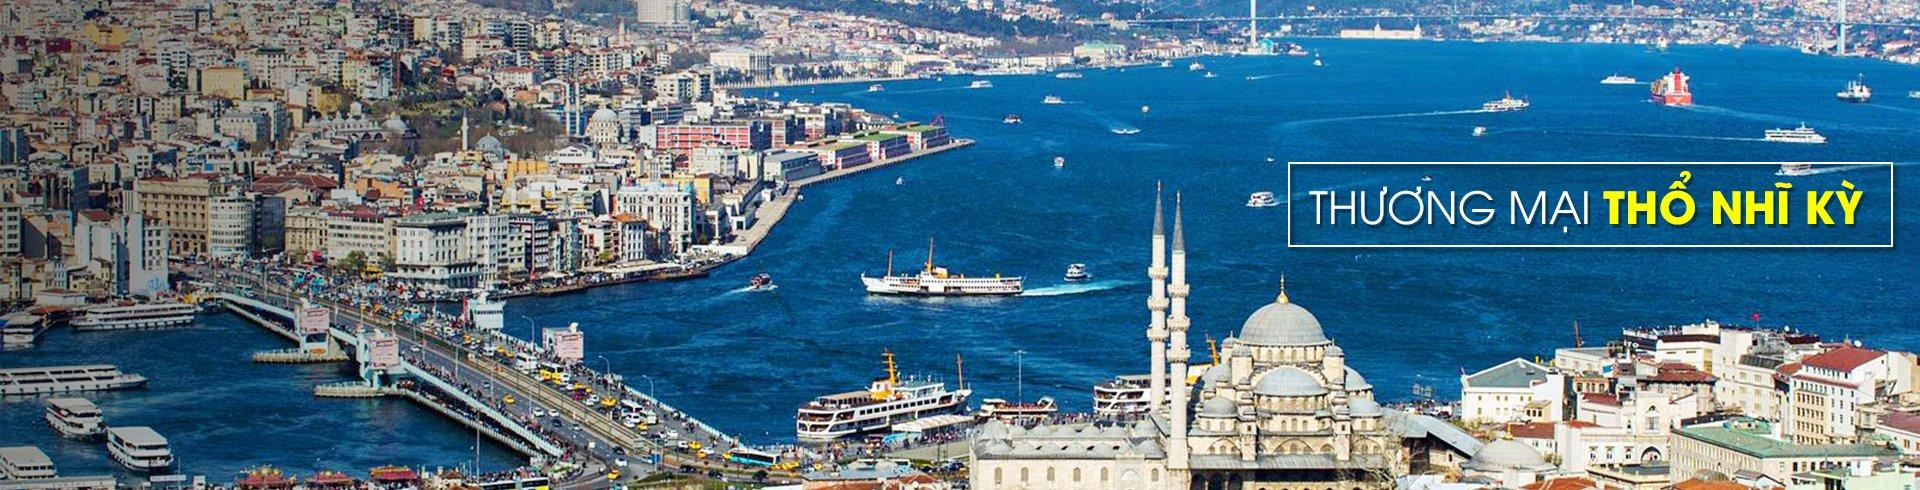 kinh doanh tại Thổ Nhĩ Kỳ